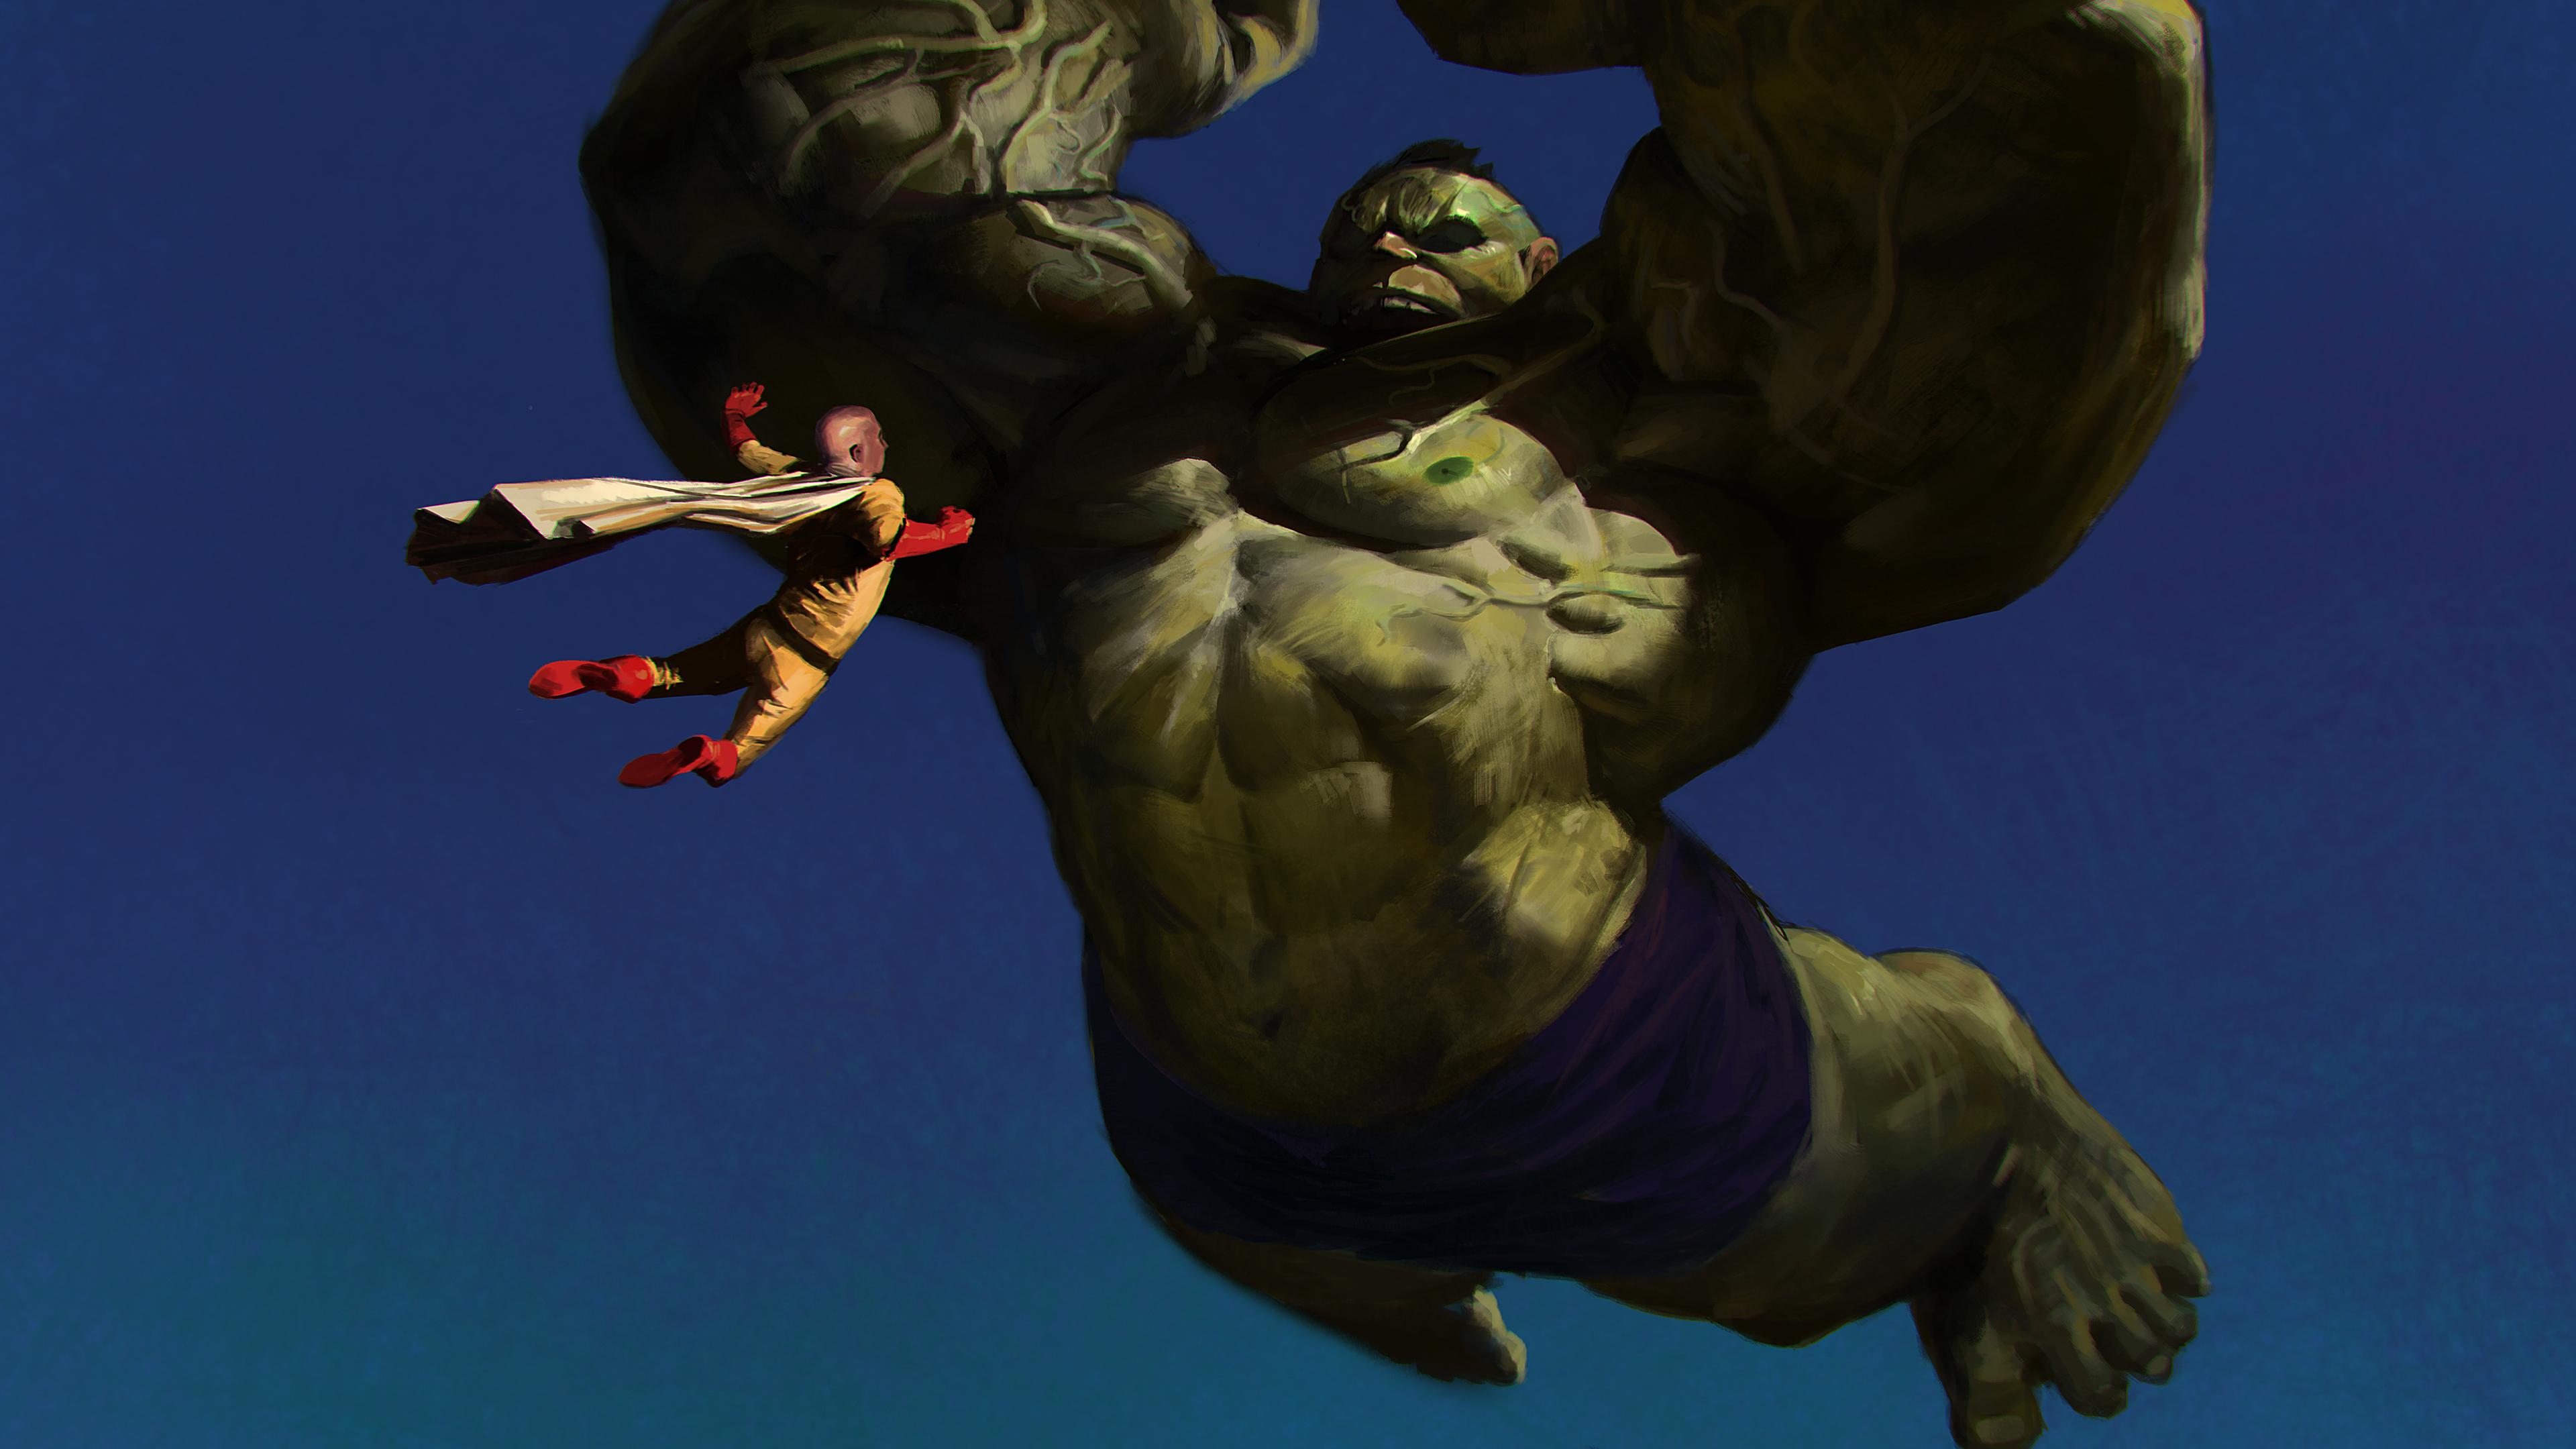 saitama vs hulk 1541973695 - Saitama Vs Hulk - one punch man wallpapers, hulk wallpapers, hd-wallpapers, digital art wallpapers, deviantart wallpapers, artwork wallpapers, artist wallpapers, anime wallpapers, 5k wallpapers, 4k-wallpapers